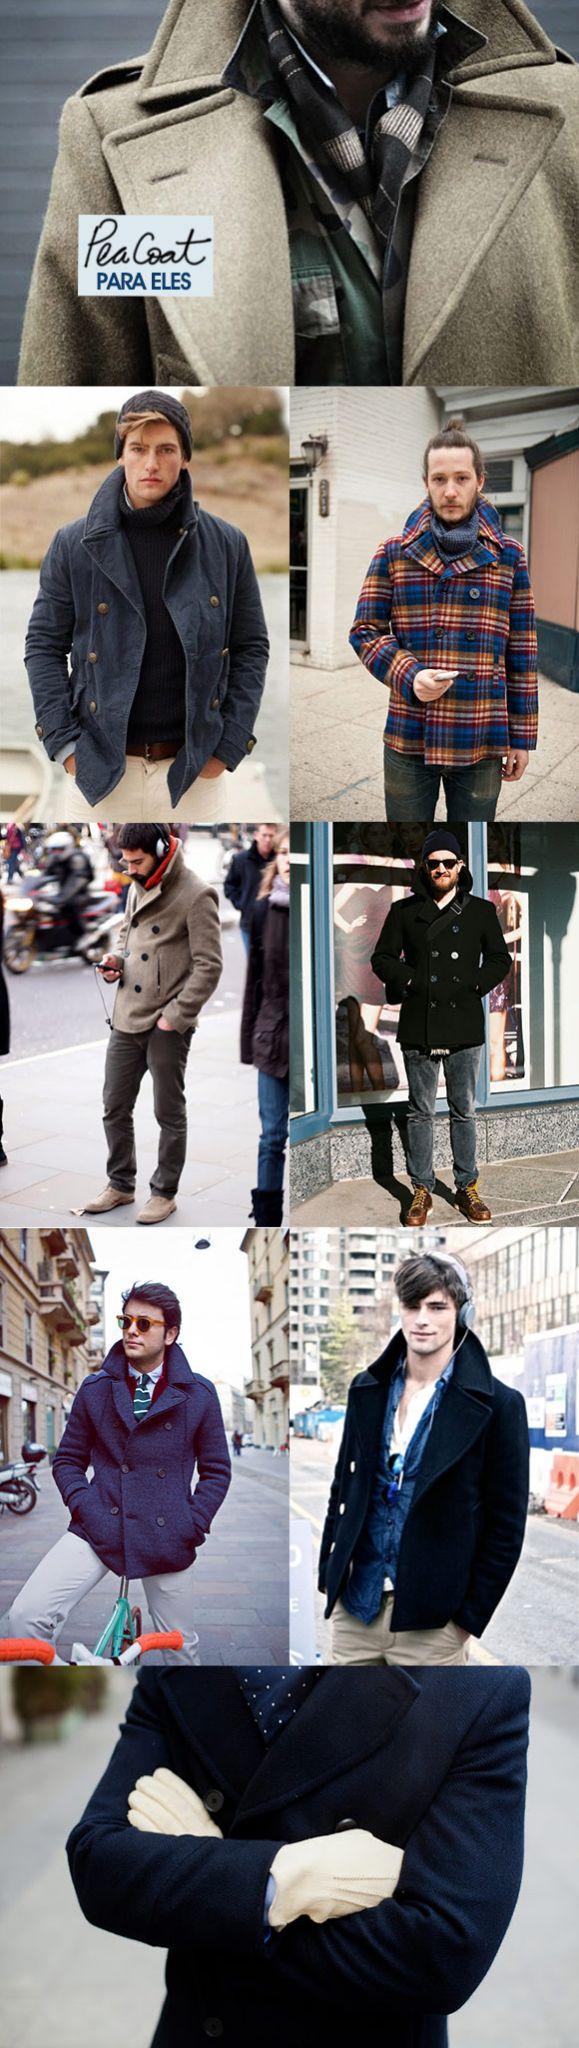 Achados da Bia | Moda masculina | Pea Coat